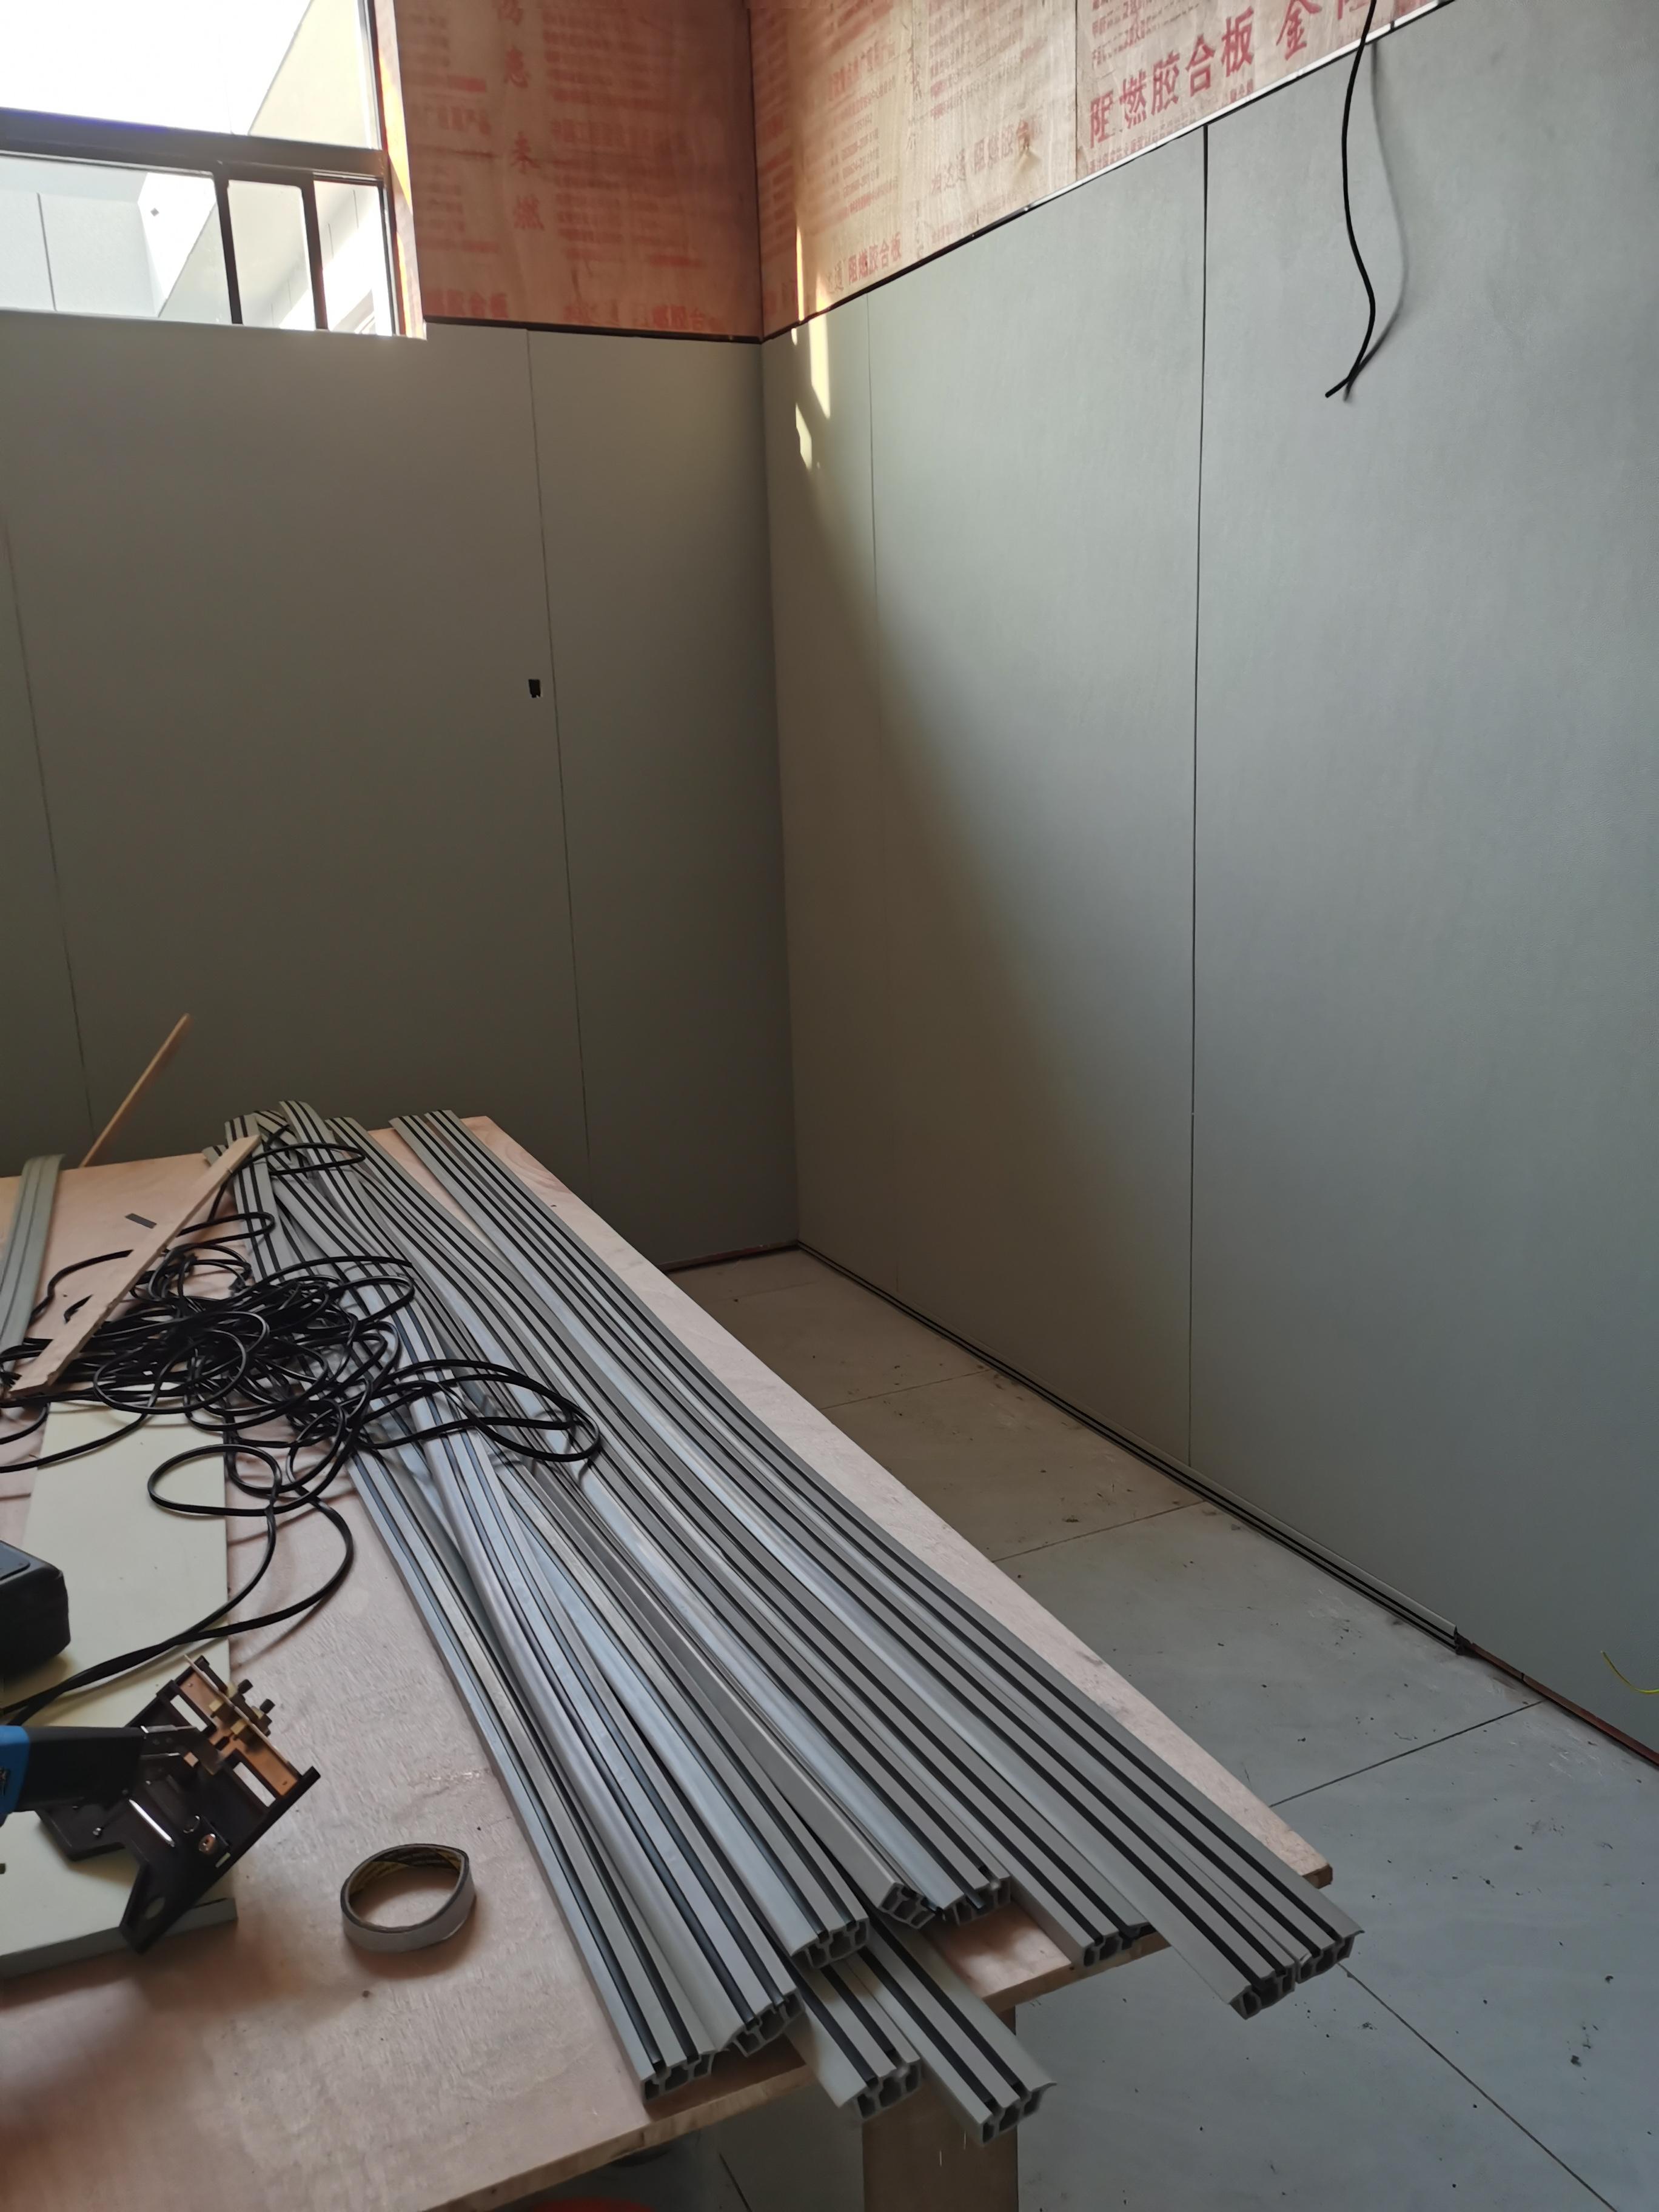 公检法办案区的防撞软板1250*2450mm,施工快、简单方便